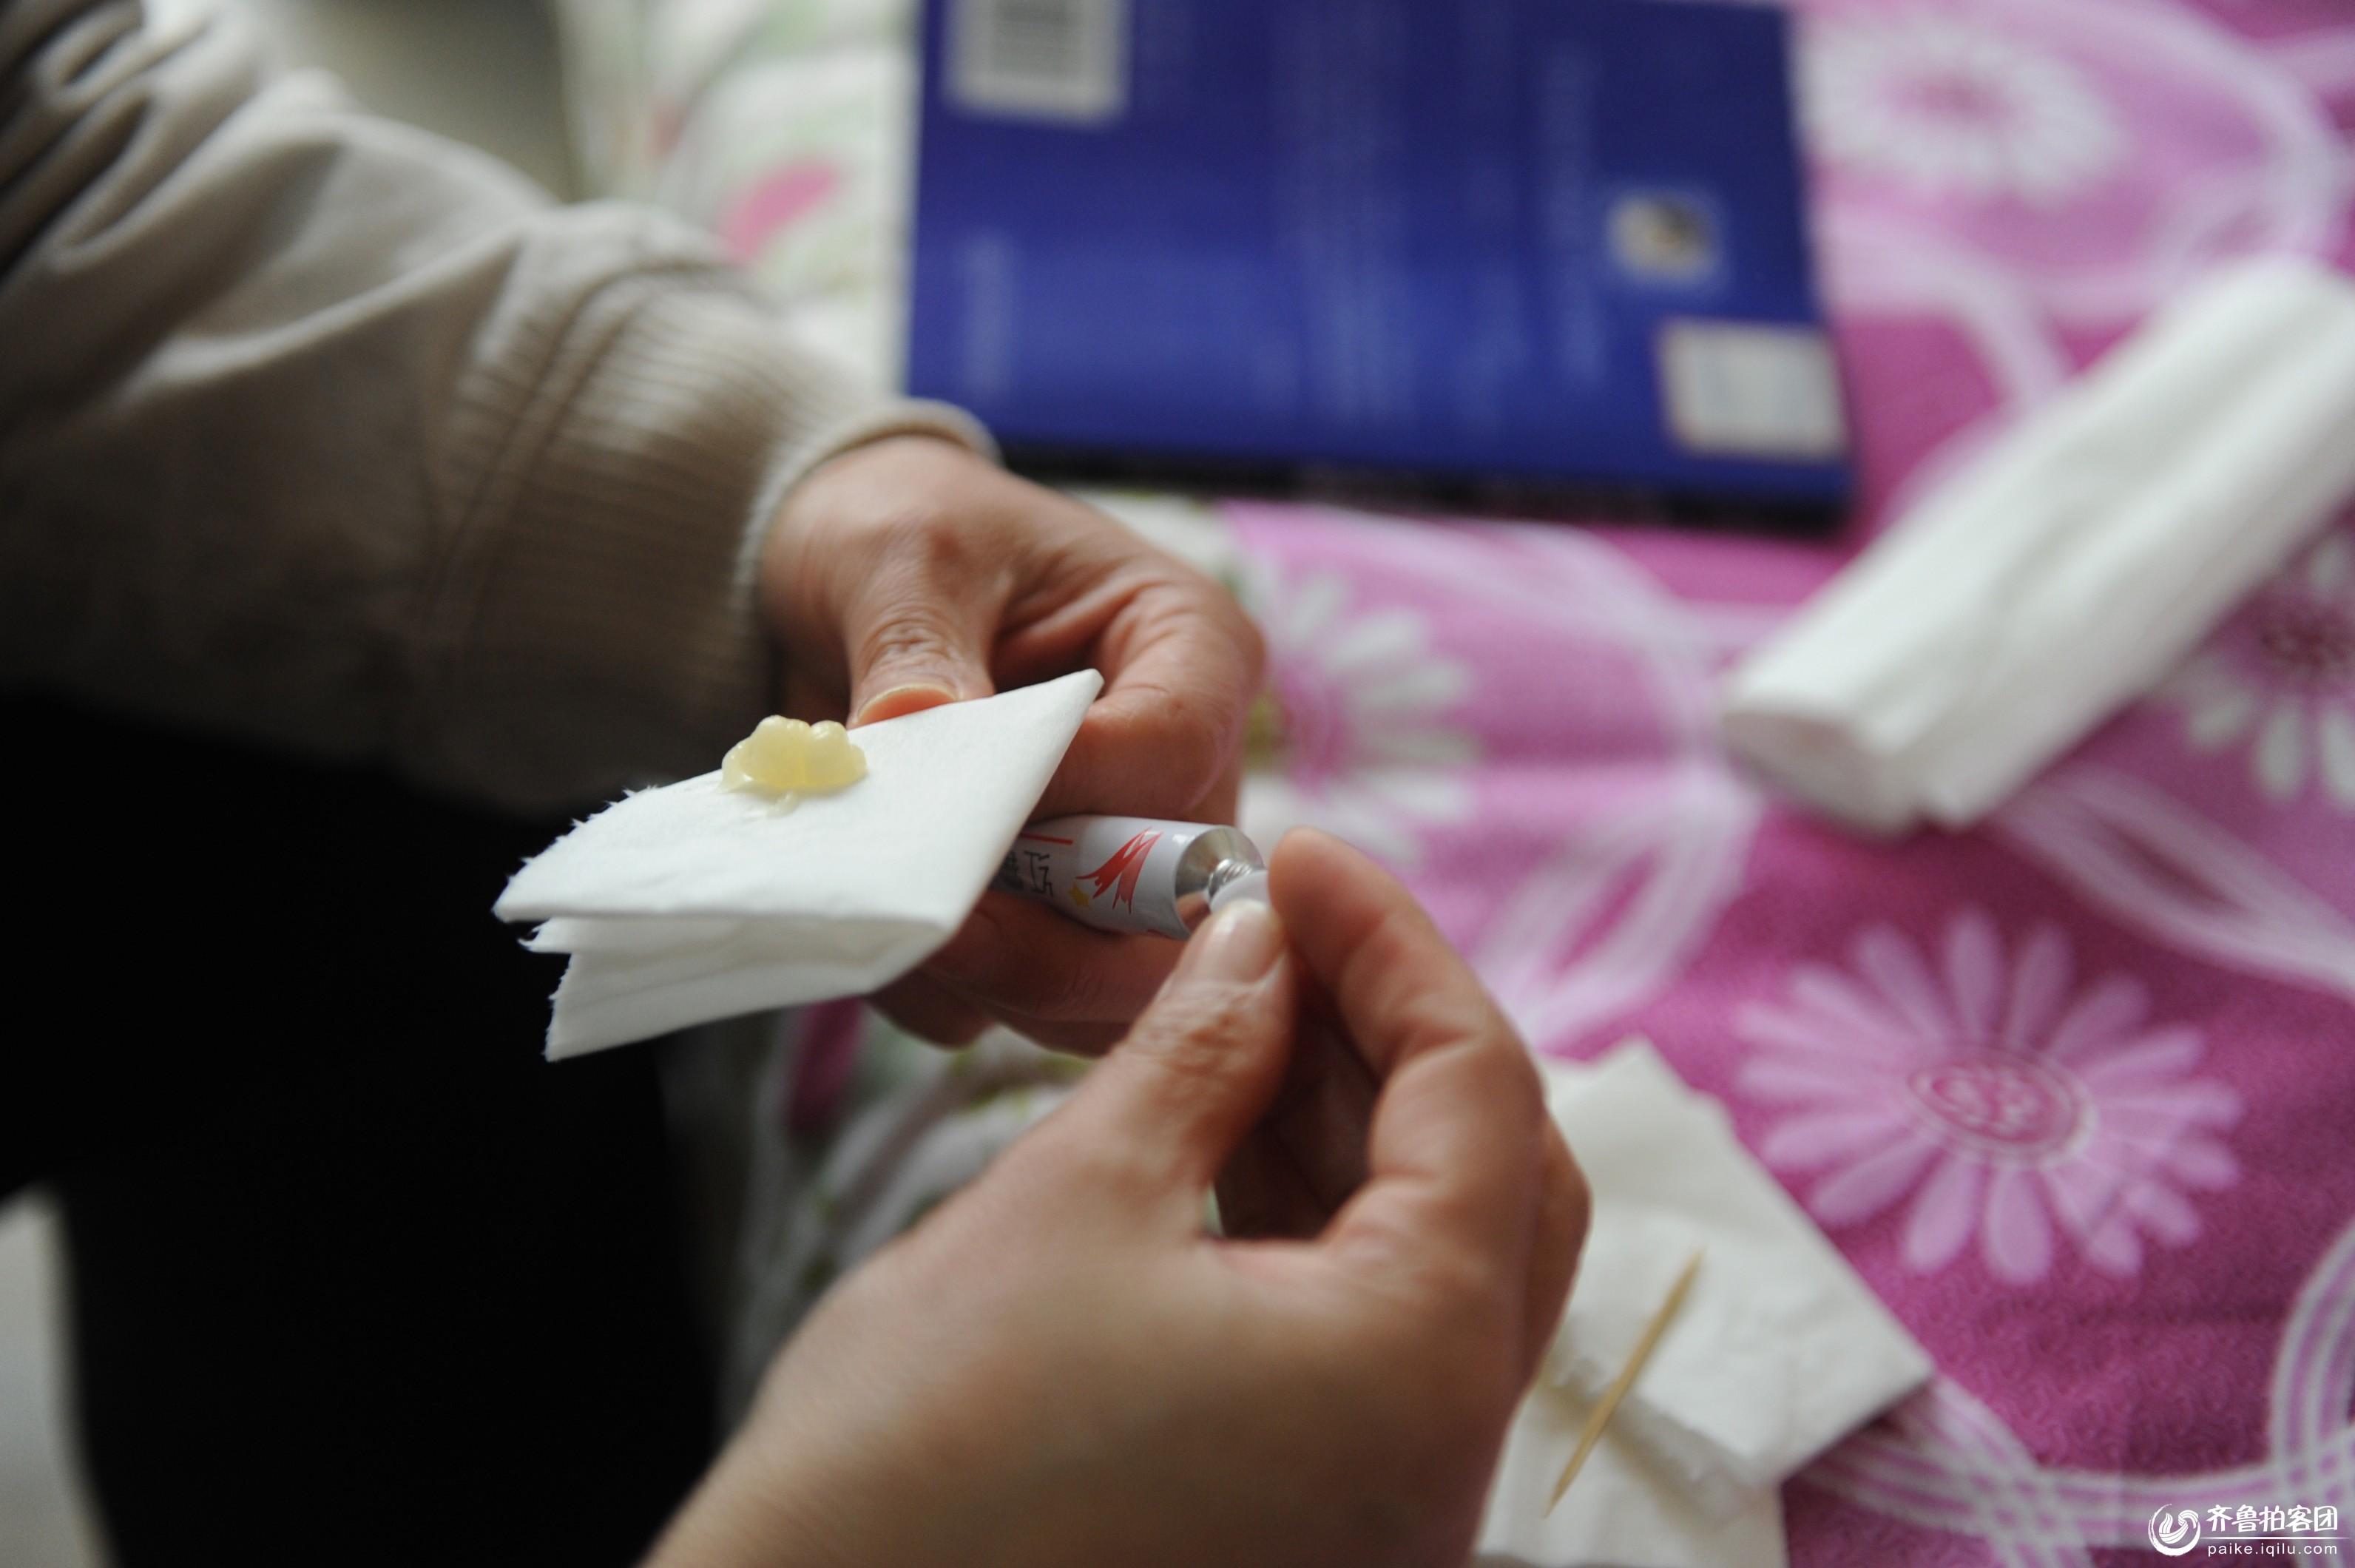 聊城大学专门为李阳母女俩安排的单间宿舍内,妈妈杨秀梅在涂